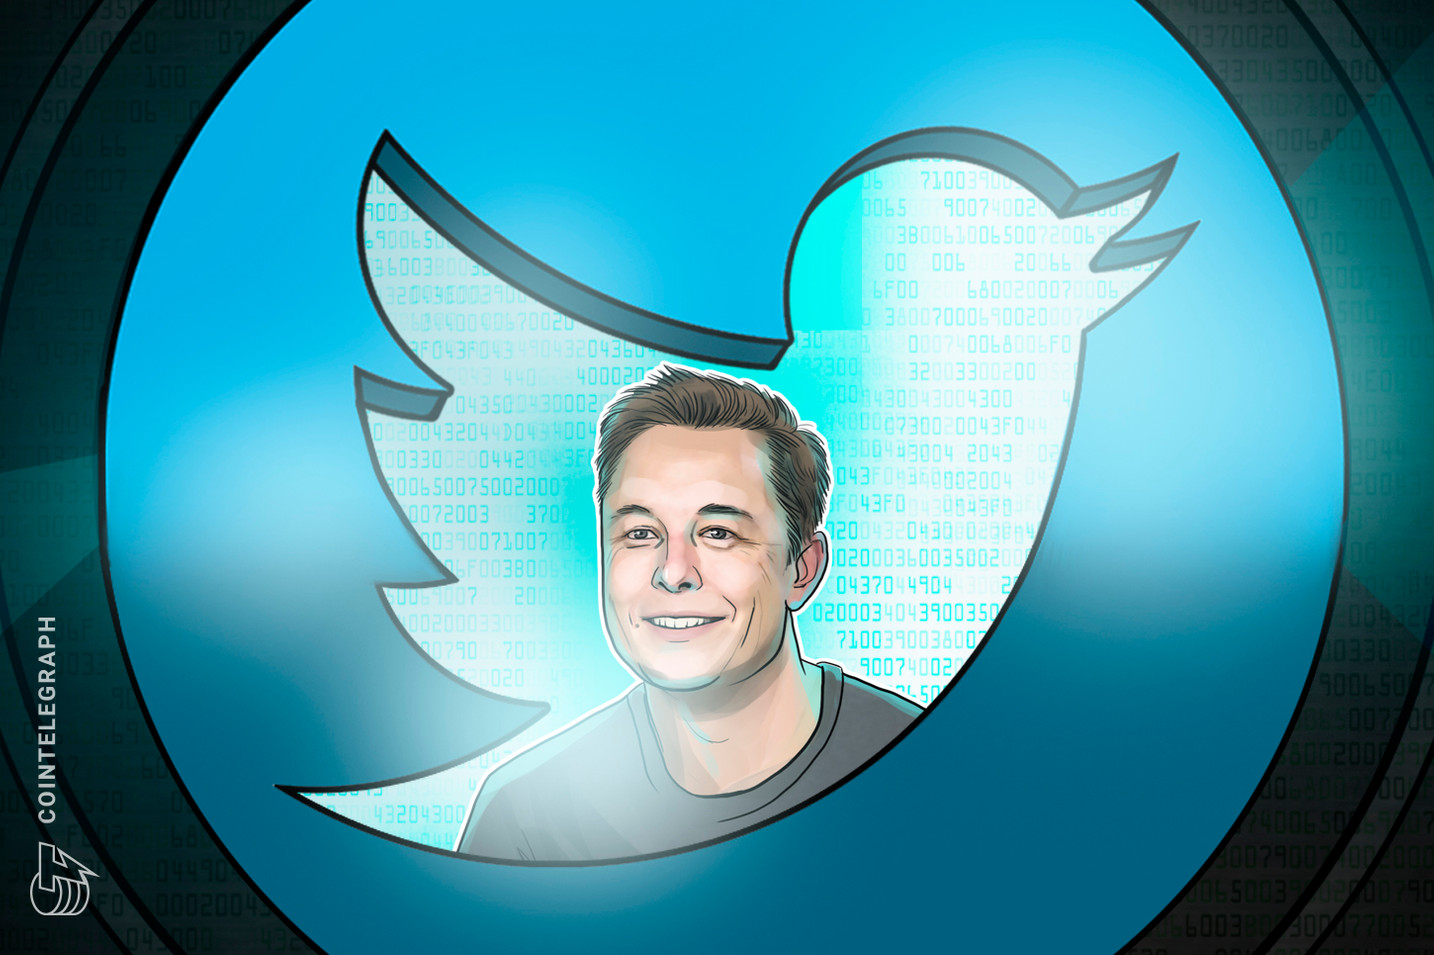 Tranquilo, Elon: 5 historias de criptomonedas que no necesitaron las payasadas de Musk en Twitter para mover los mercados